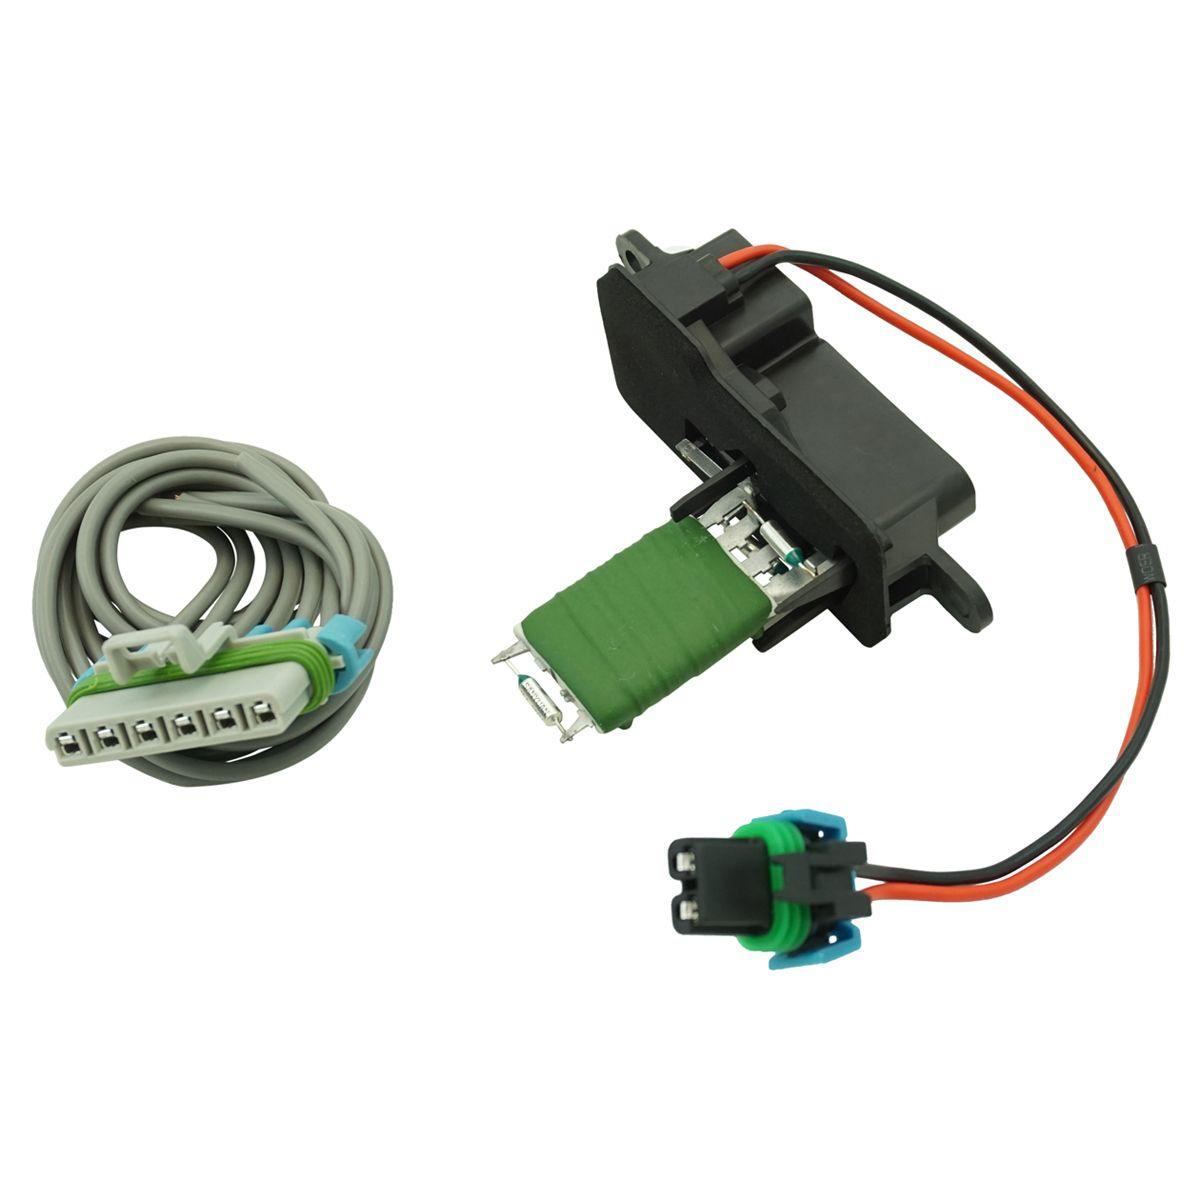 dorman heater blower motor resistor & harness kit for chevrolet gmc isuzu  truck | ebay  ebay